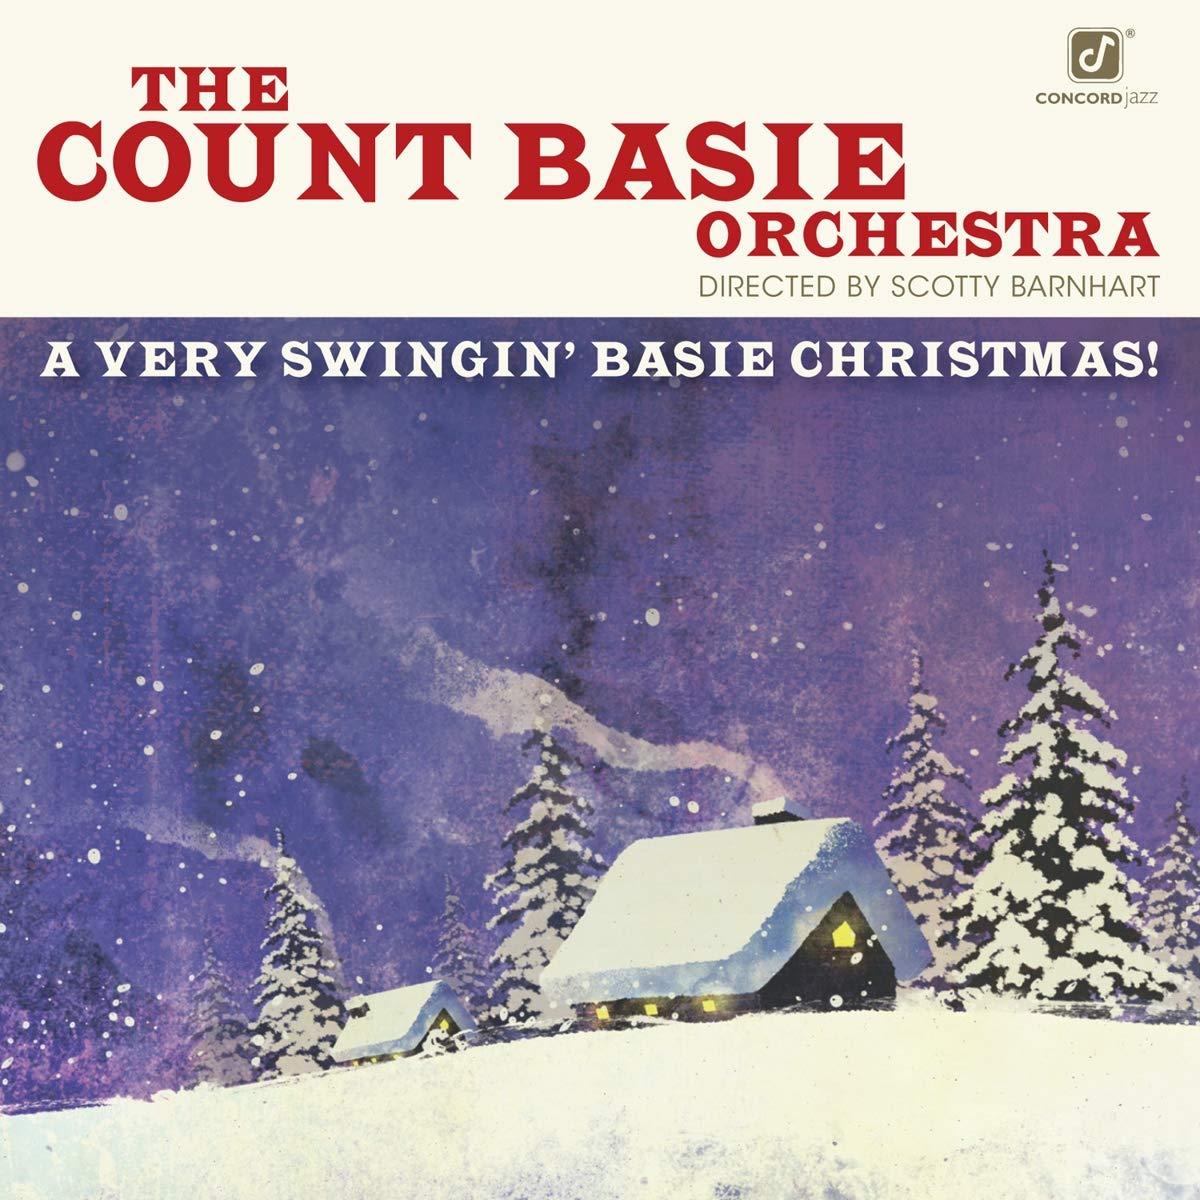 A Very Swingin' Basie Christmas von Count Basie